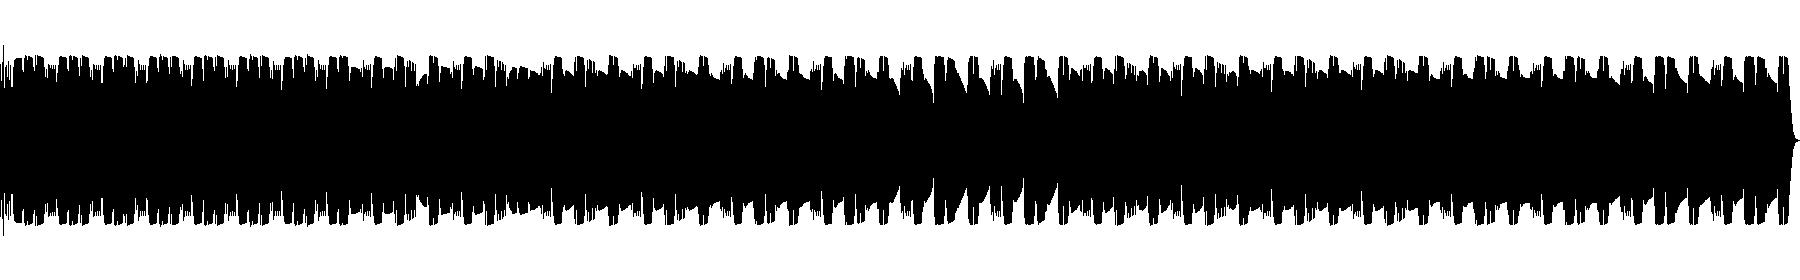 analogue 5d